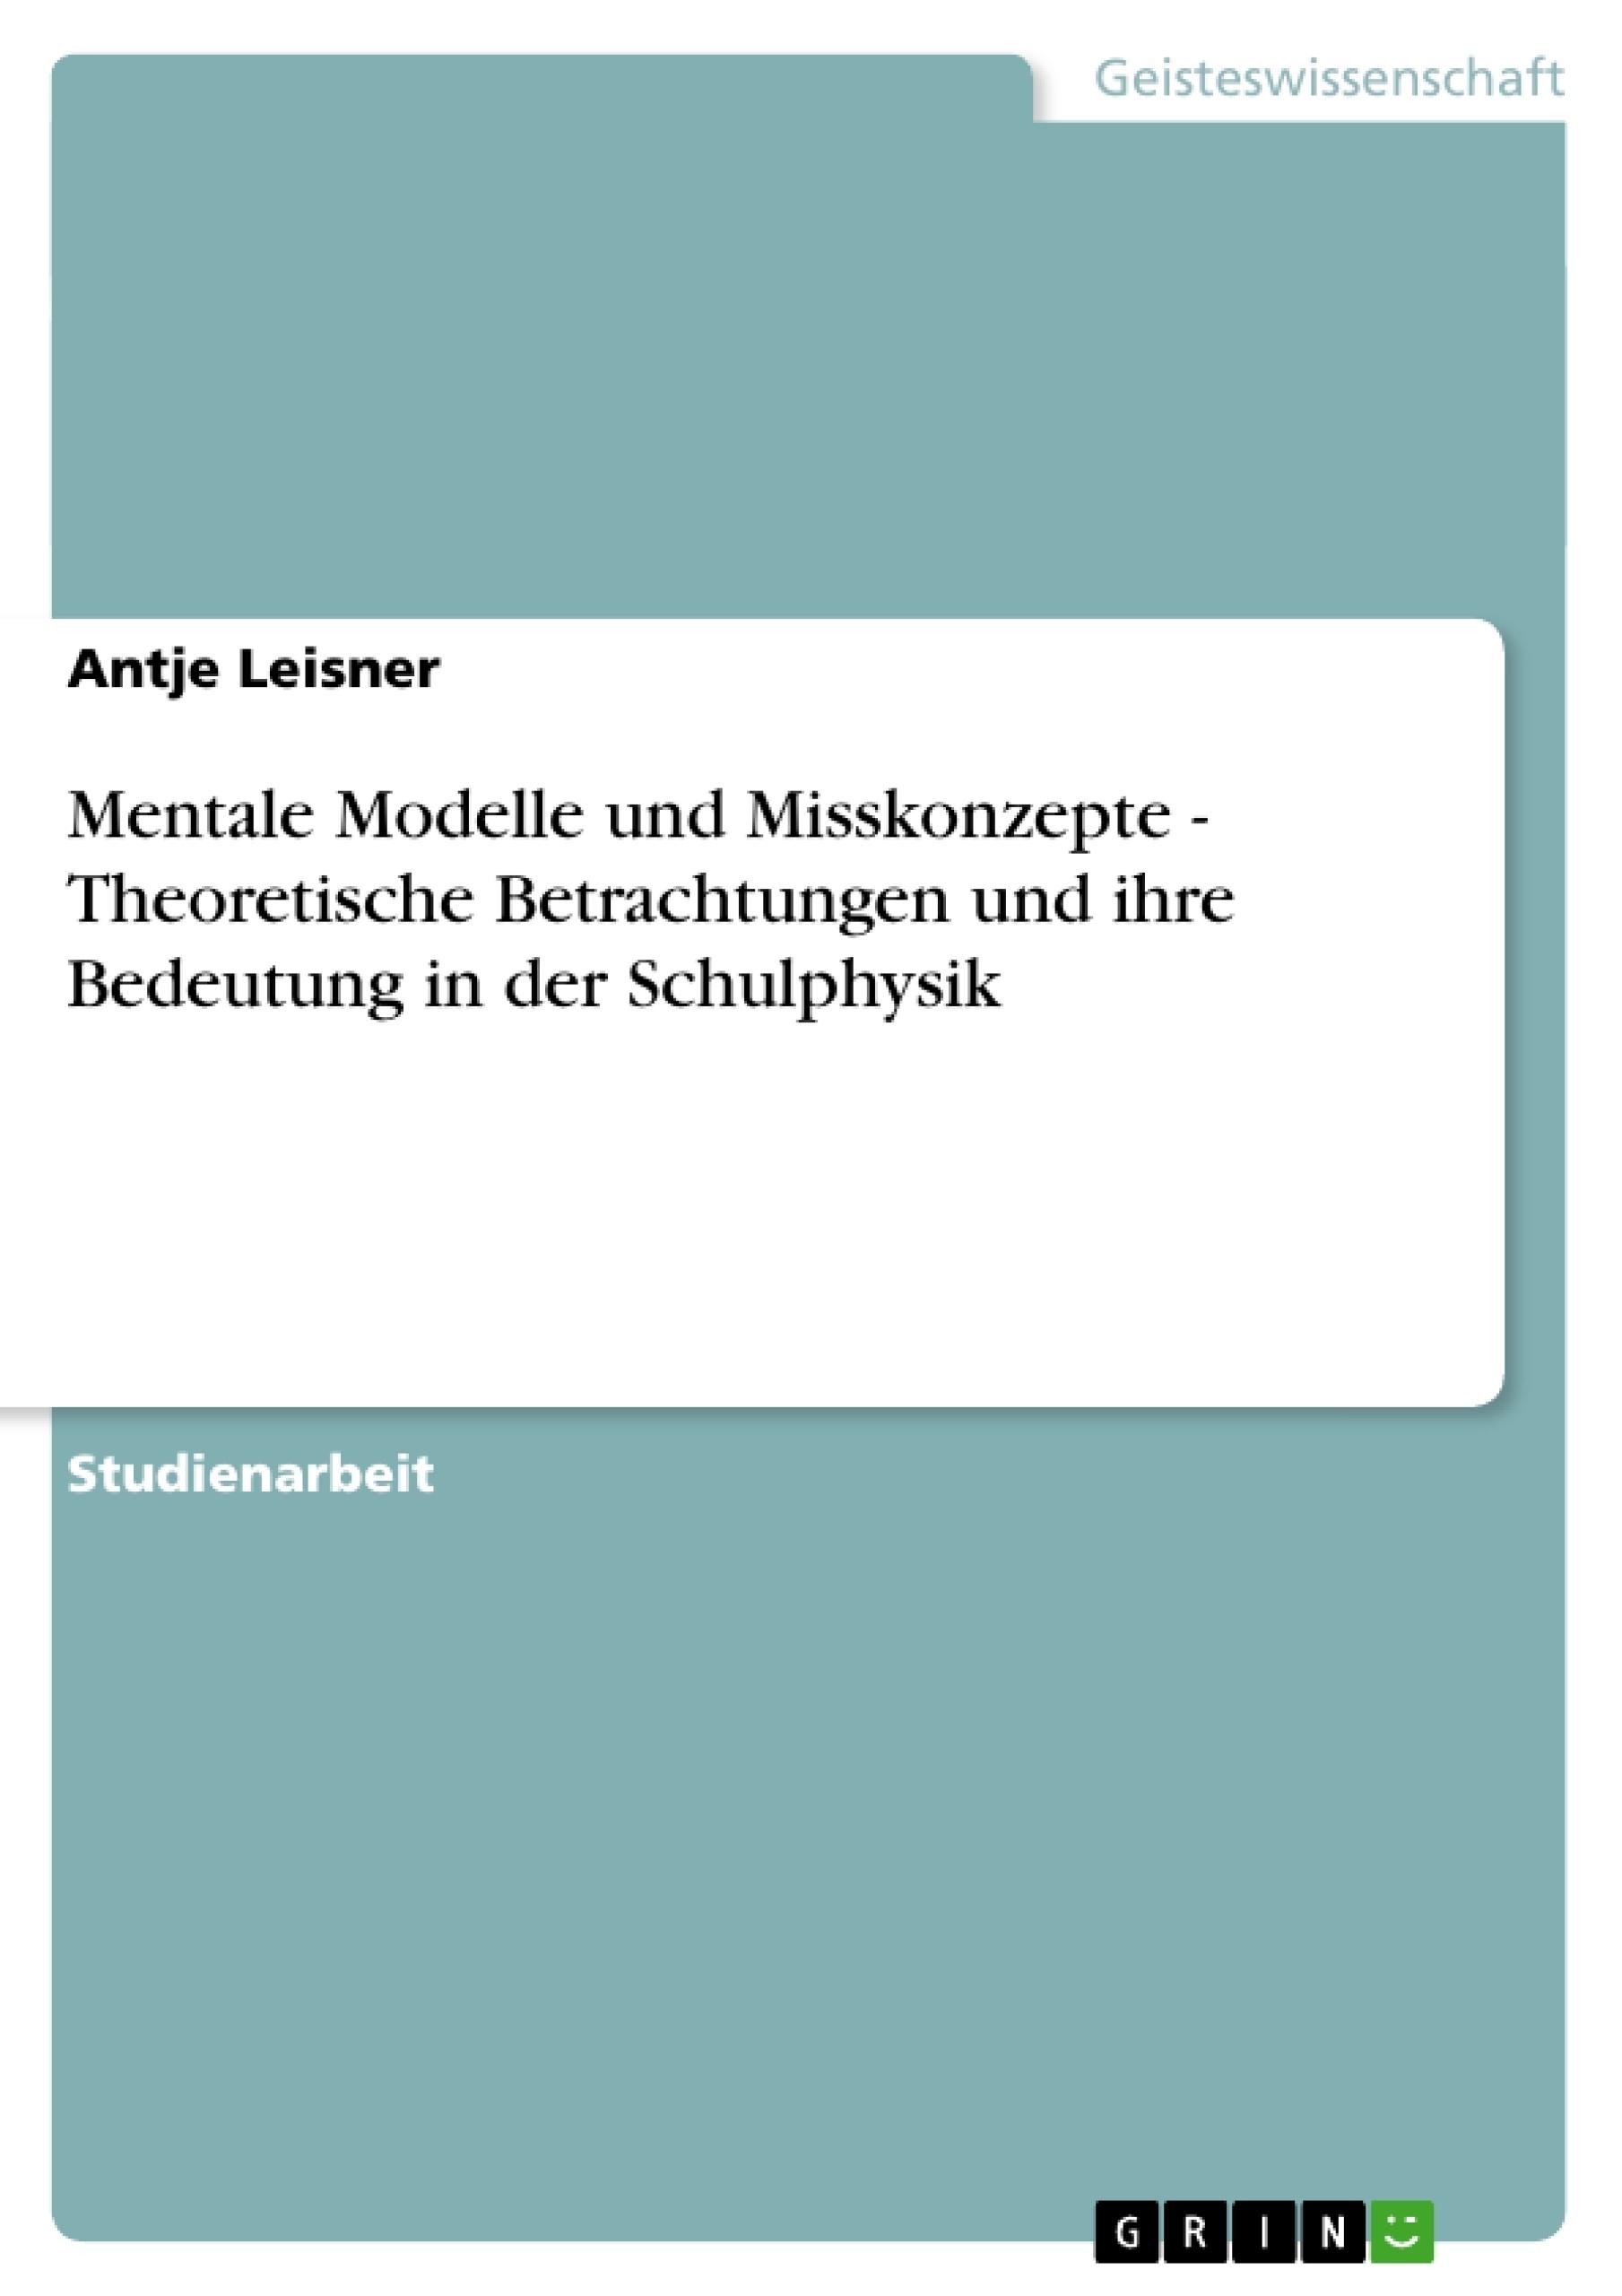 Titel: Mentale Modelle und Misskonzepte - Theoretische Betrachtungen und ihre Bedeutung in der Schulphysik